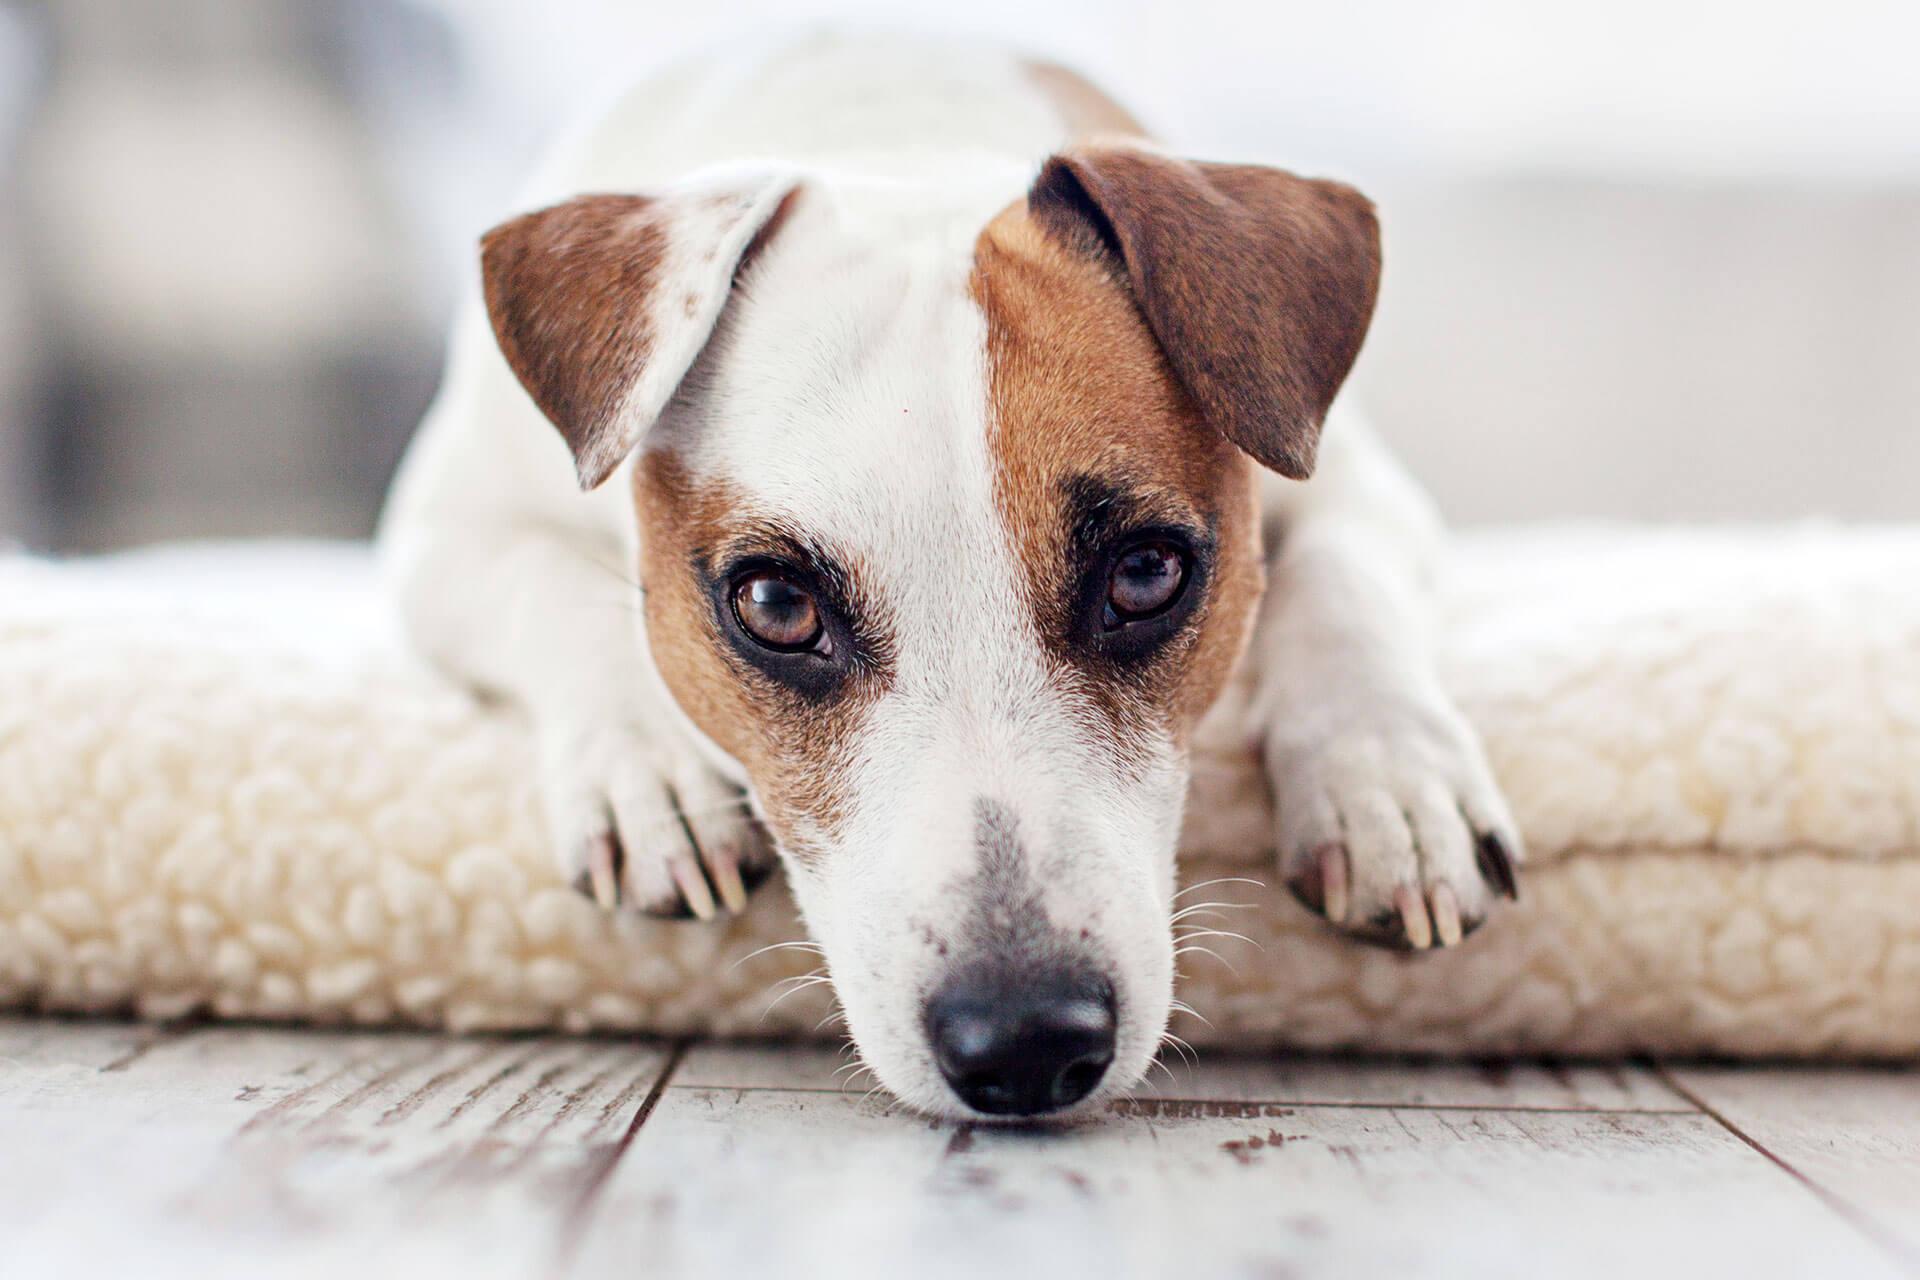 Los 5 mejores consejos para dejar a tu perro solo en casa sin sentirte culpable